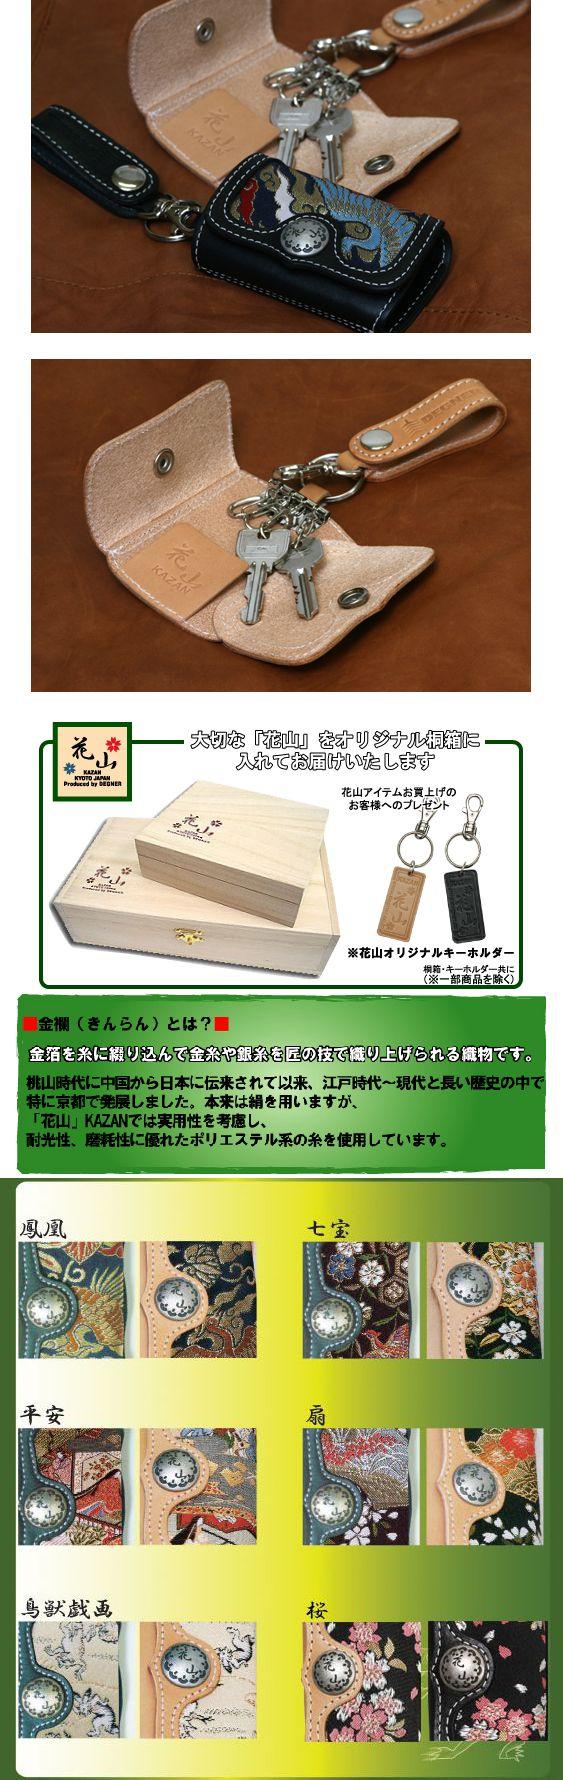 【DEGNER】花山鑰匙包 K-6K_HOUOU - 「Webike-摩托百貨」